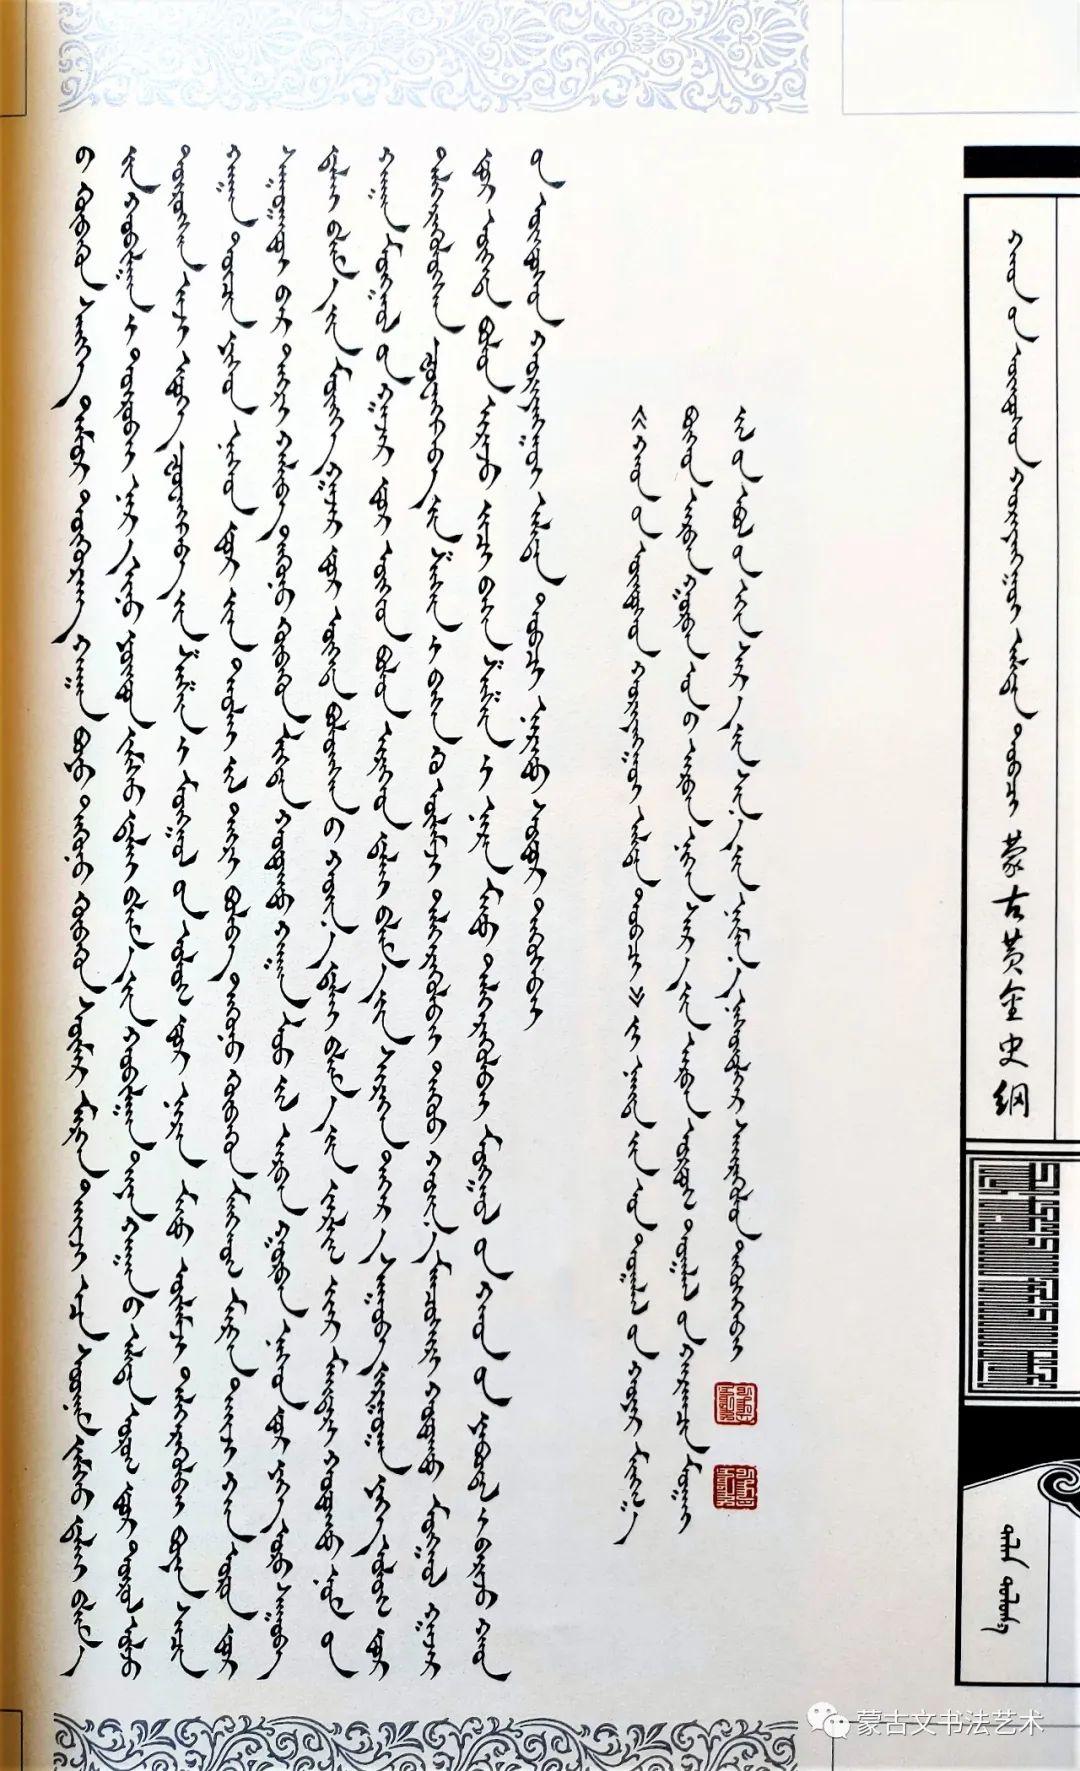 蒙古文经典文献当代书法名家手抄本之那顺德力格尔《蒙古黄金史纲》 第16张